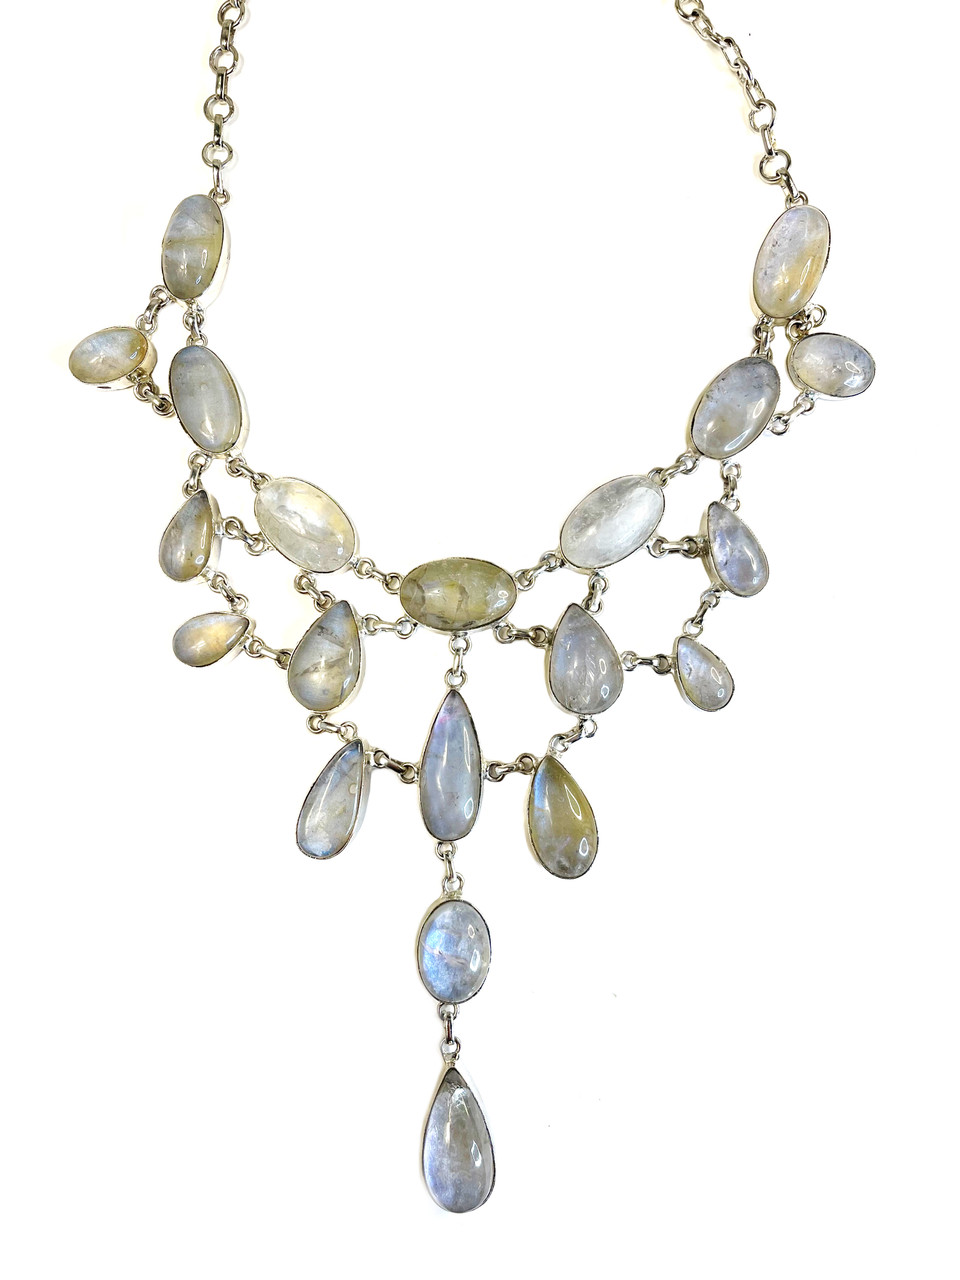 Elegant Moonstone Droplets Necklace